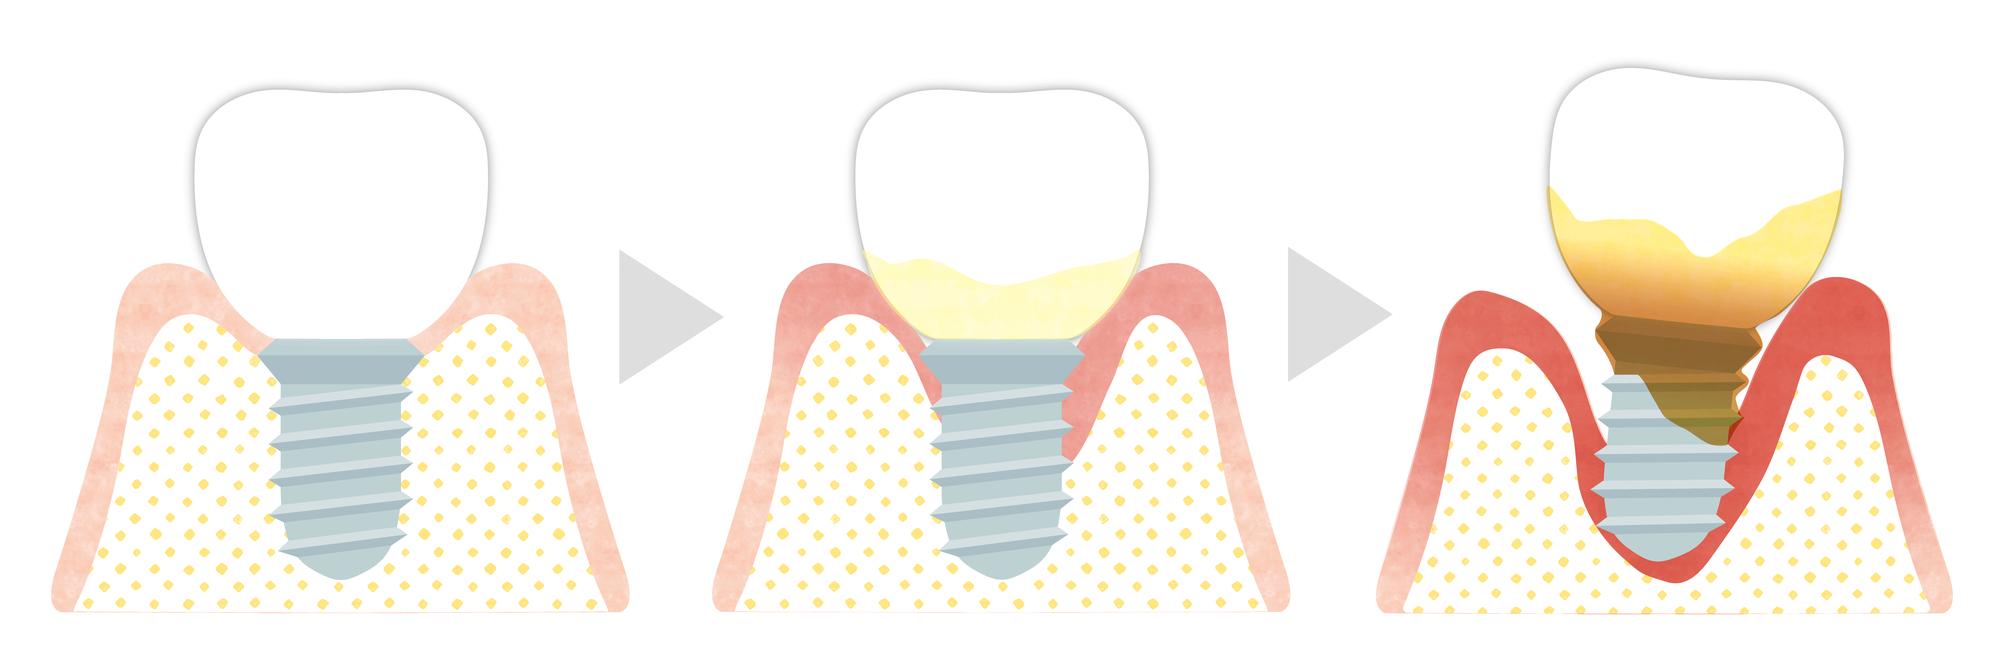 インプラント治療に関する様々なQ&A|インプラント周囲炎の進行イメージ図|自由が丘の歯医者 三好歯科自由が丘